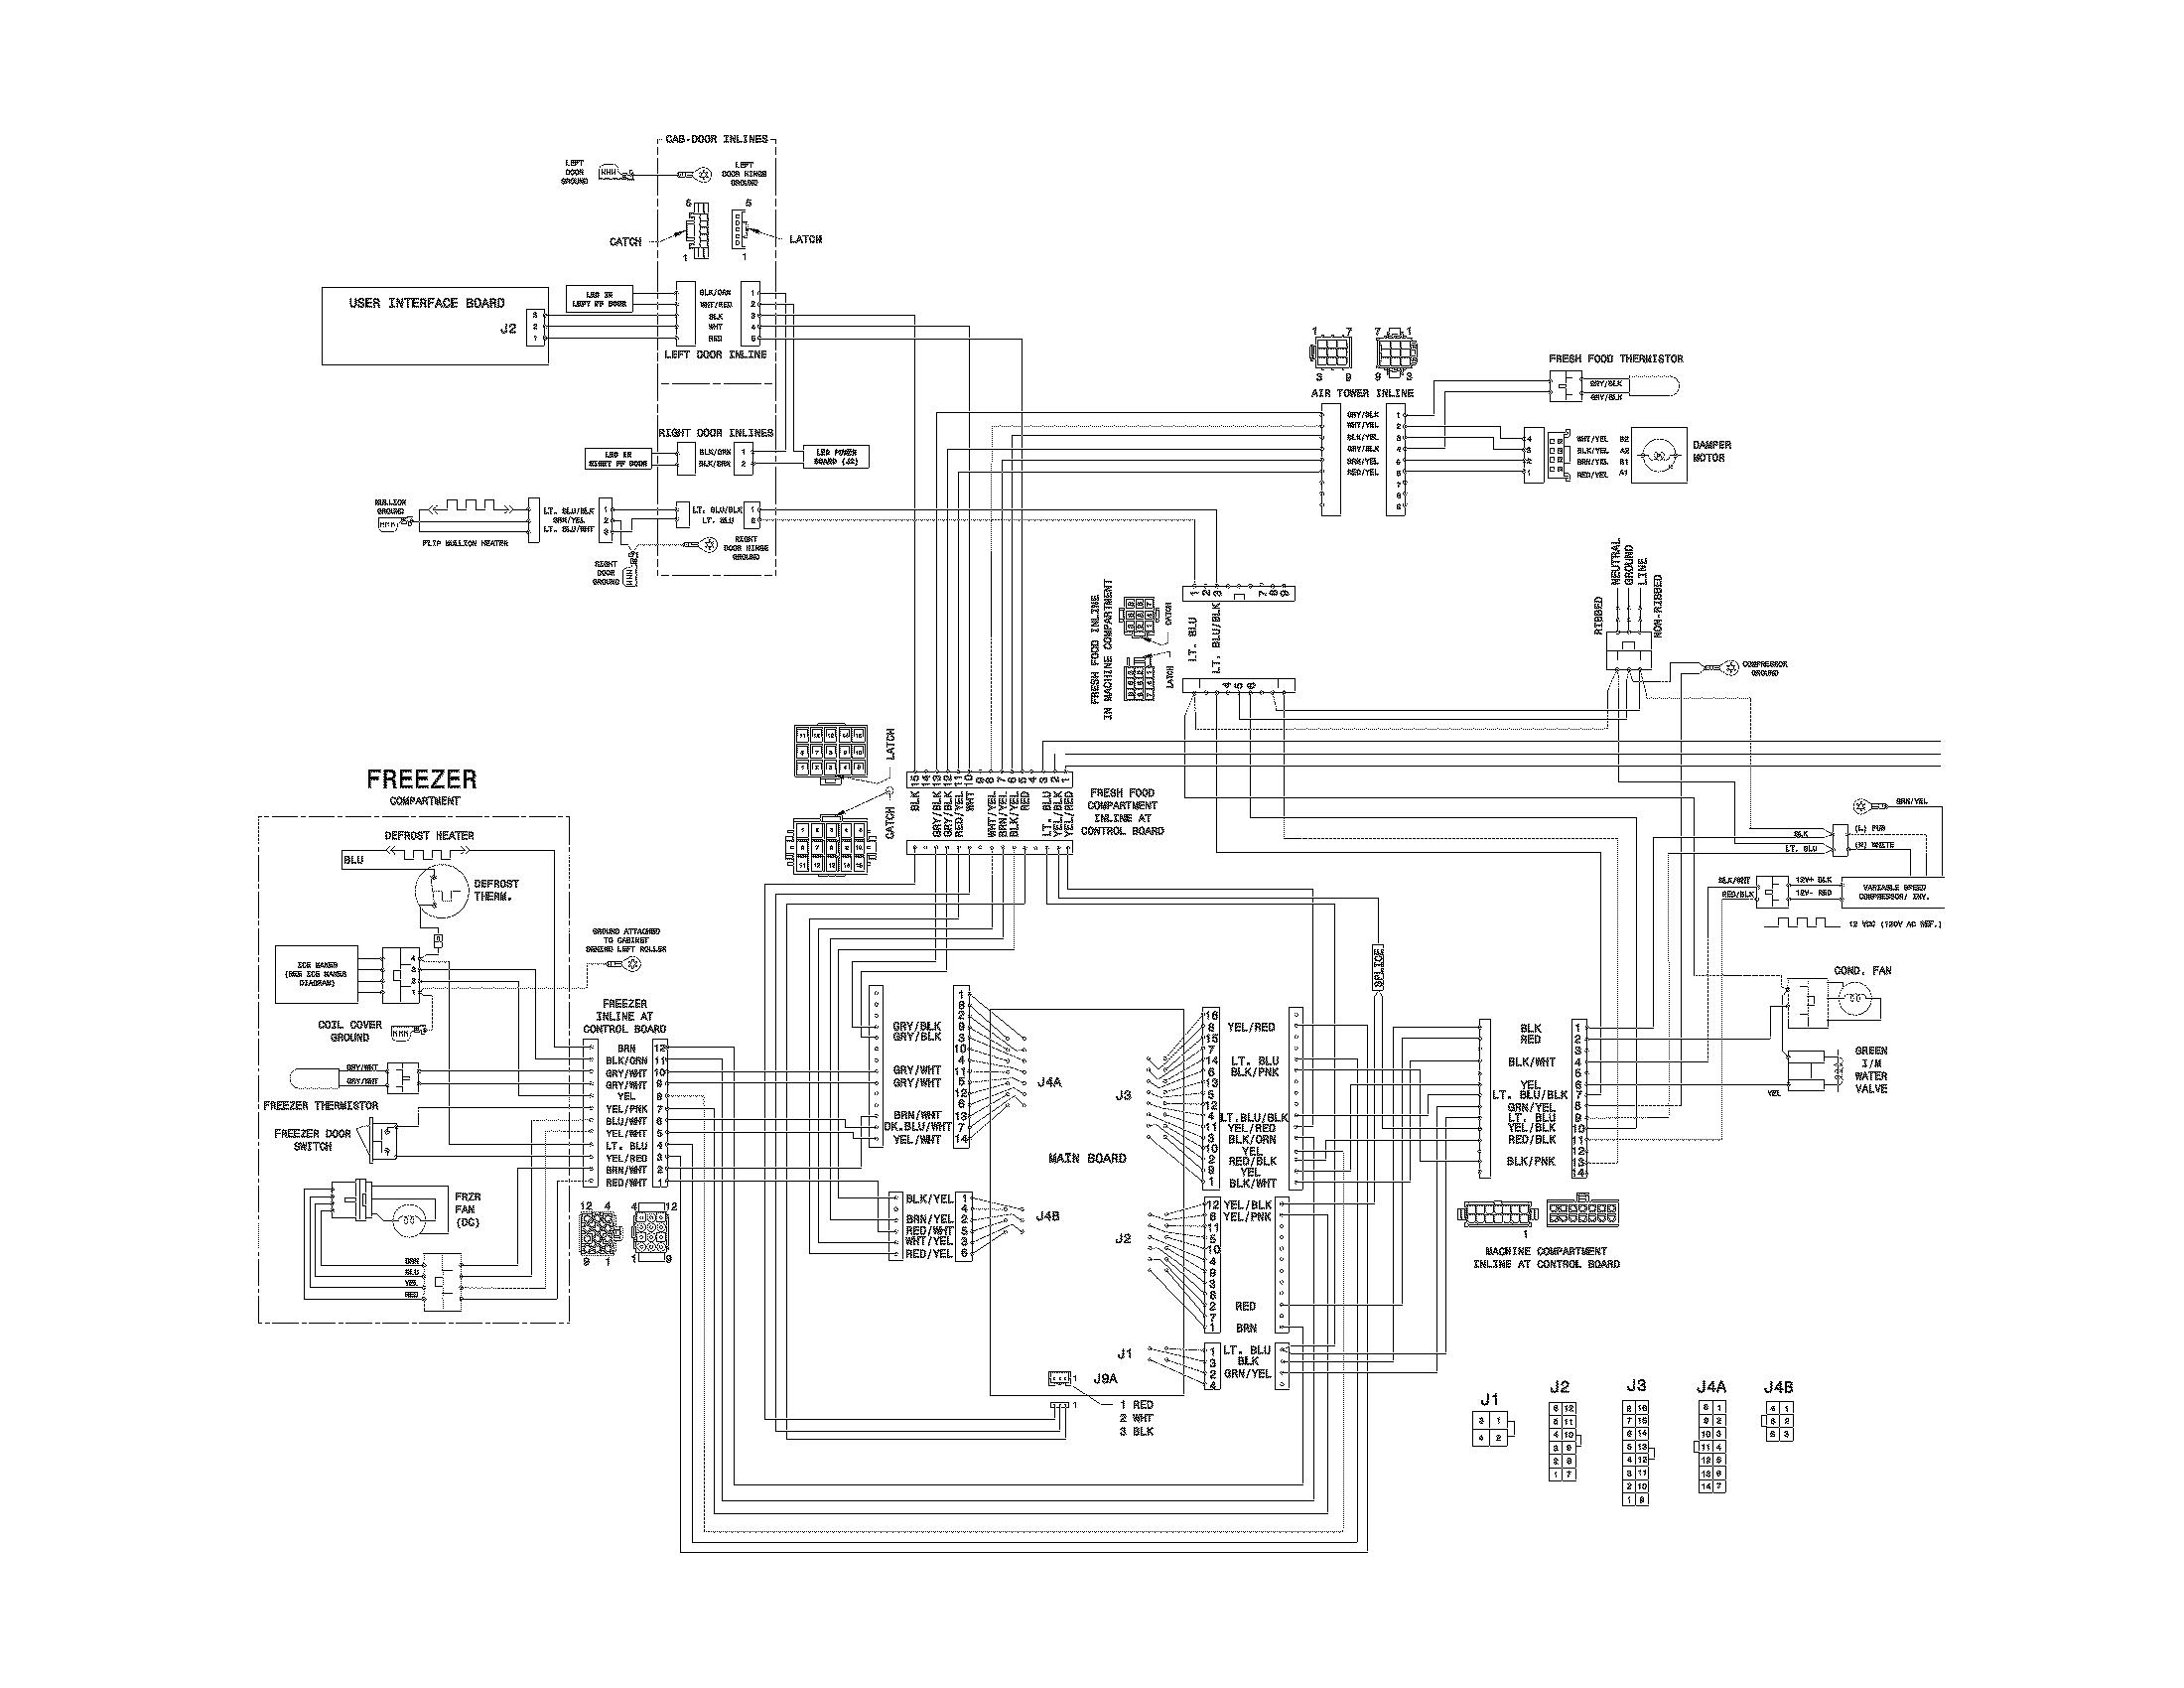 3 way fridge wiring diagram